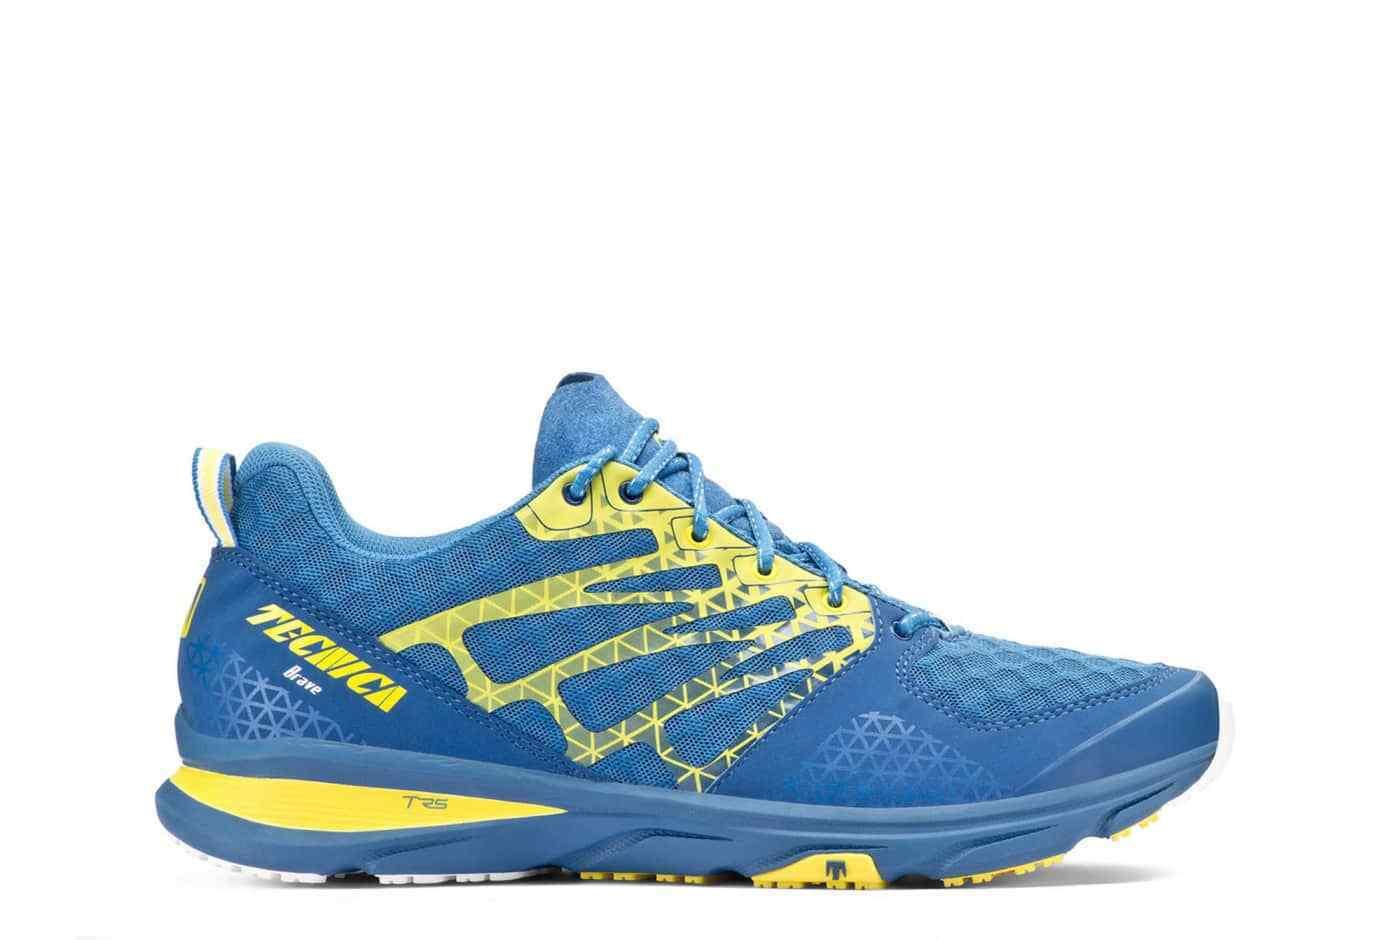 Tecnica Trailschuh Brave XLITE Ms Size 42 Eu  US 9 shoes bluee Men's Mn J18  save 50%-75%off